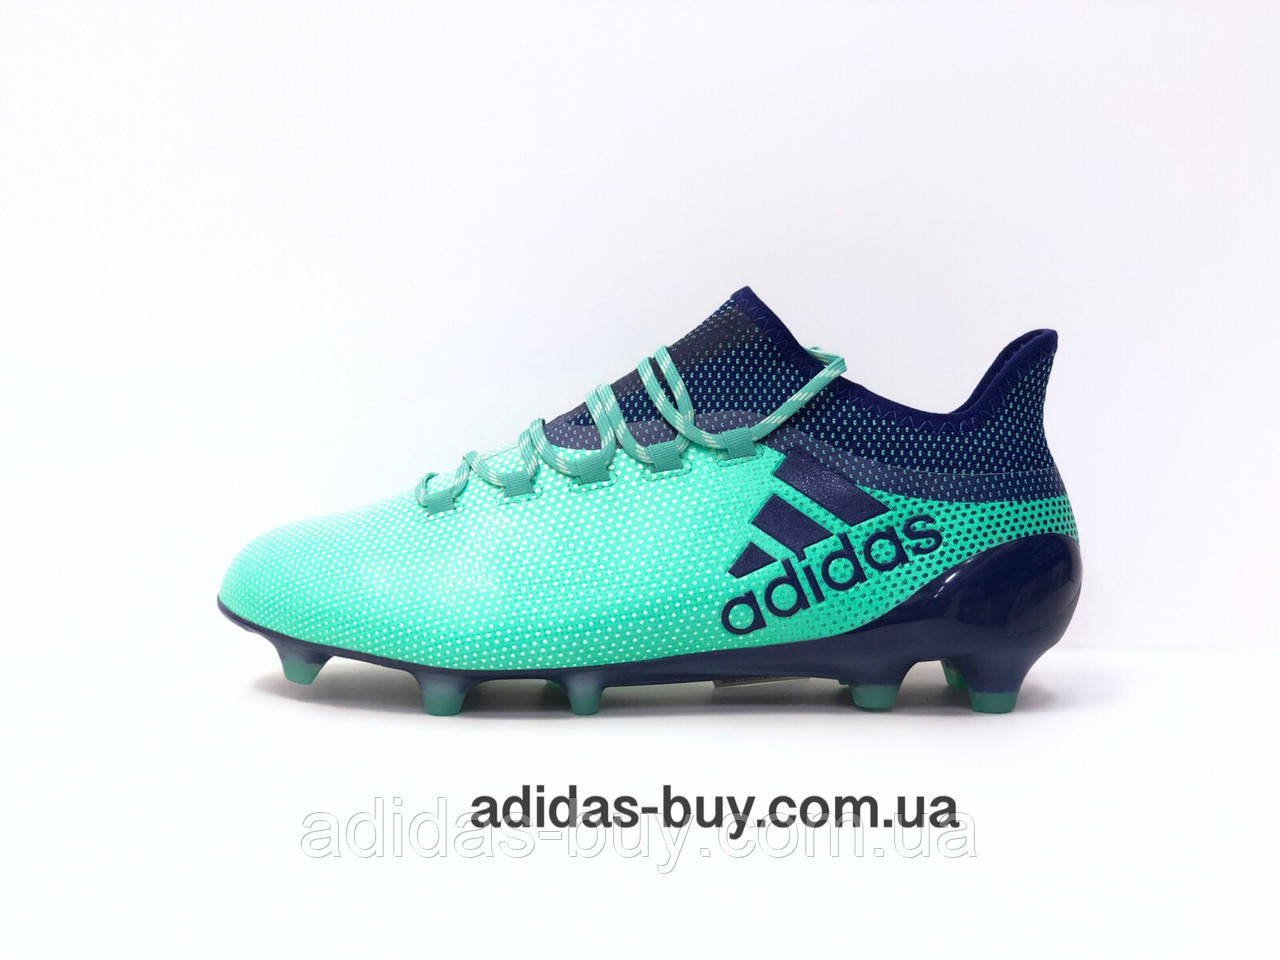 Профессиональные футбольные бутсы Adidas X 17.1 FG M оригинал  CP9163 цвет: синий/зелёный